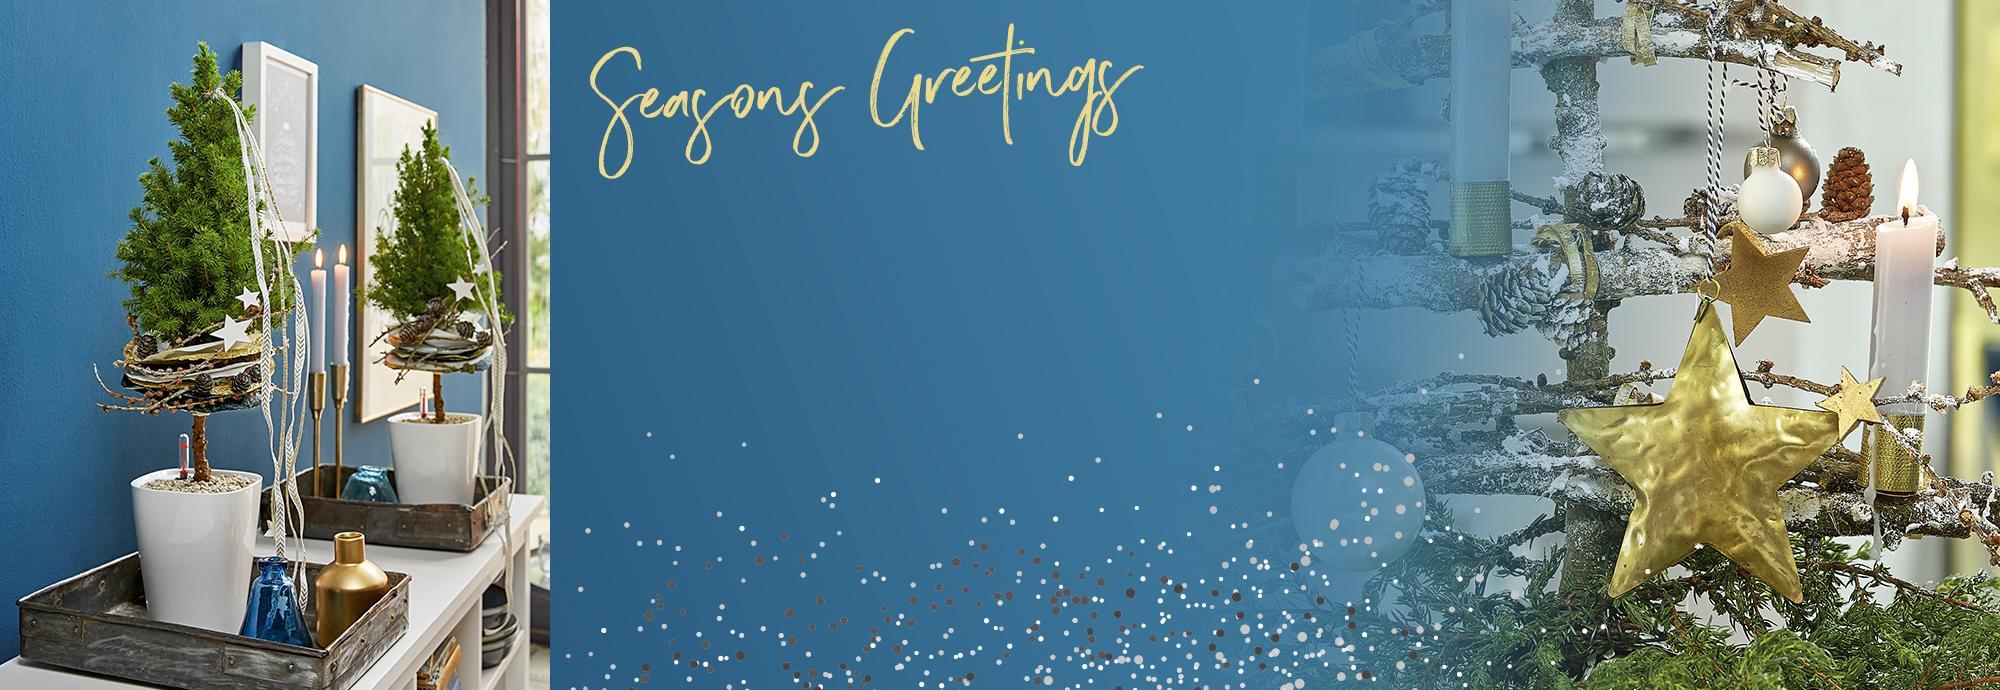 hero_banner_tw_seasons-greetings_ru